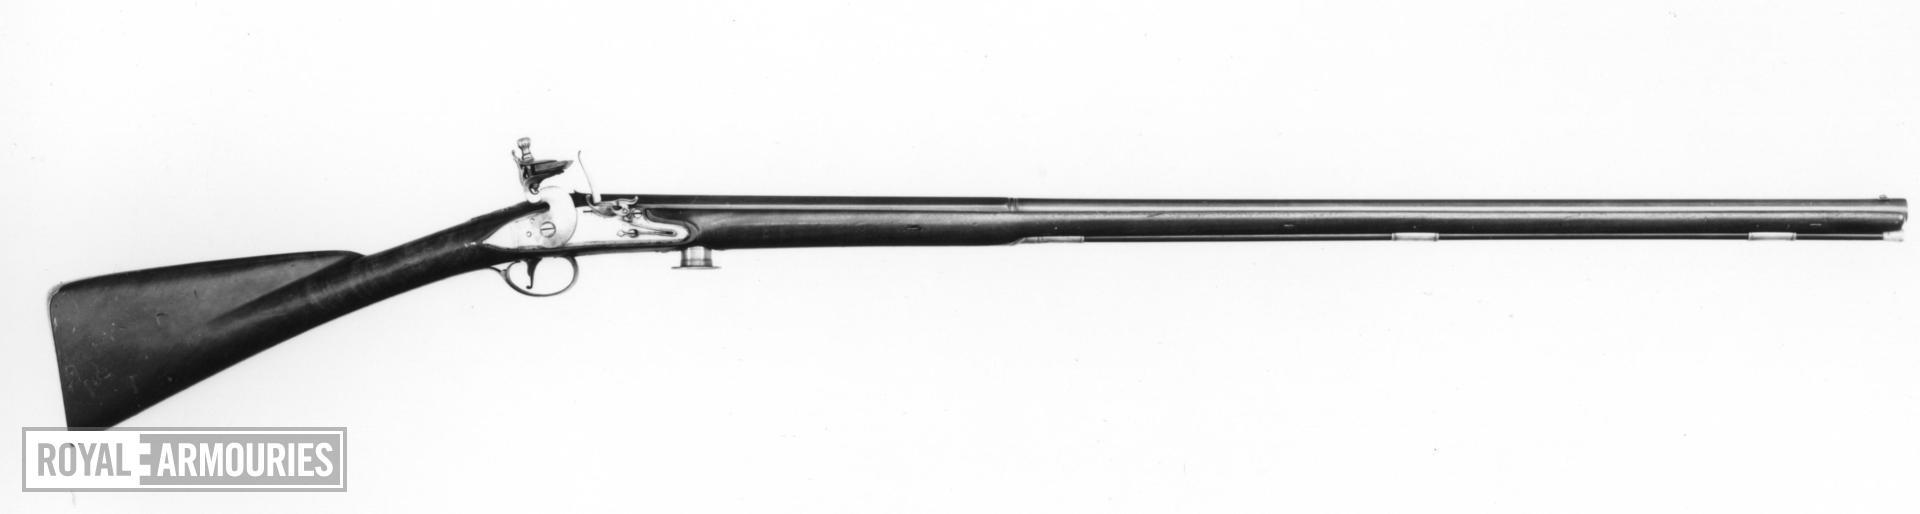 Airgun - By E. Bate